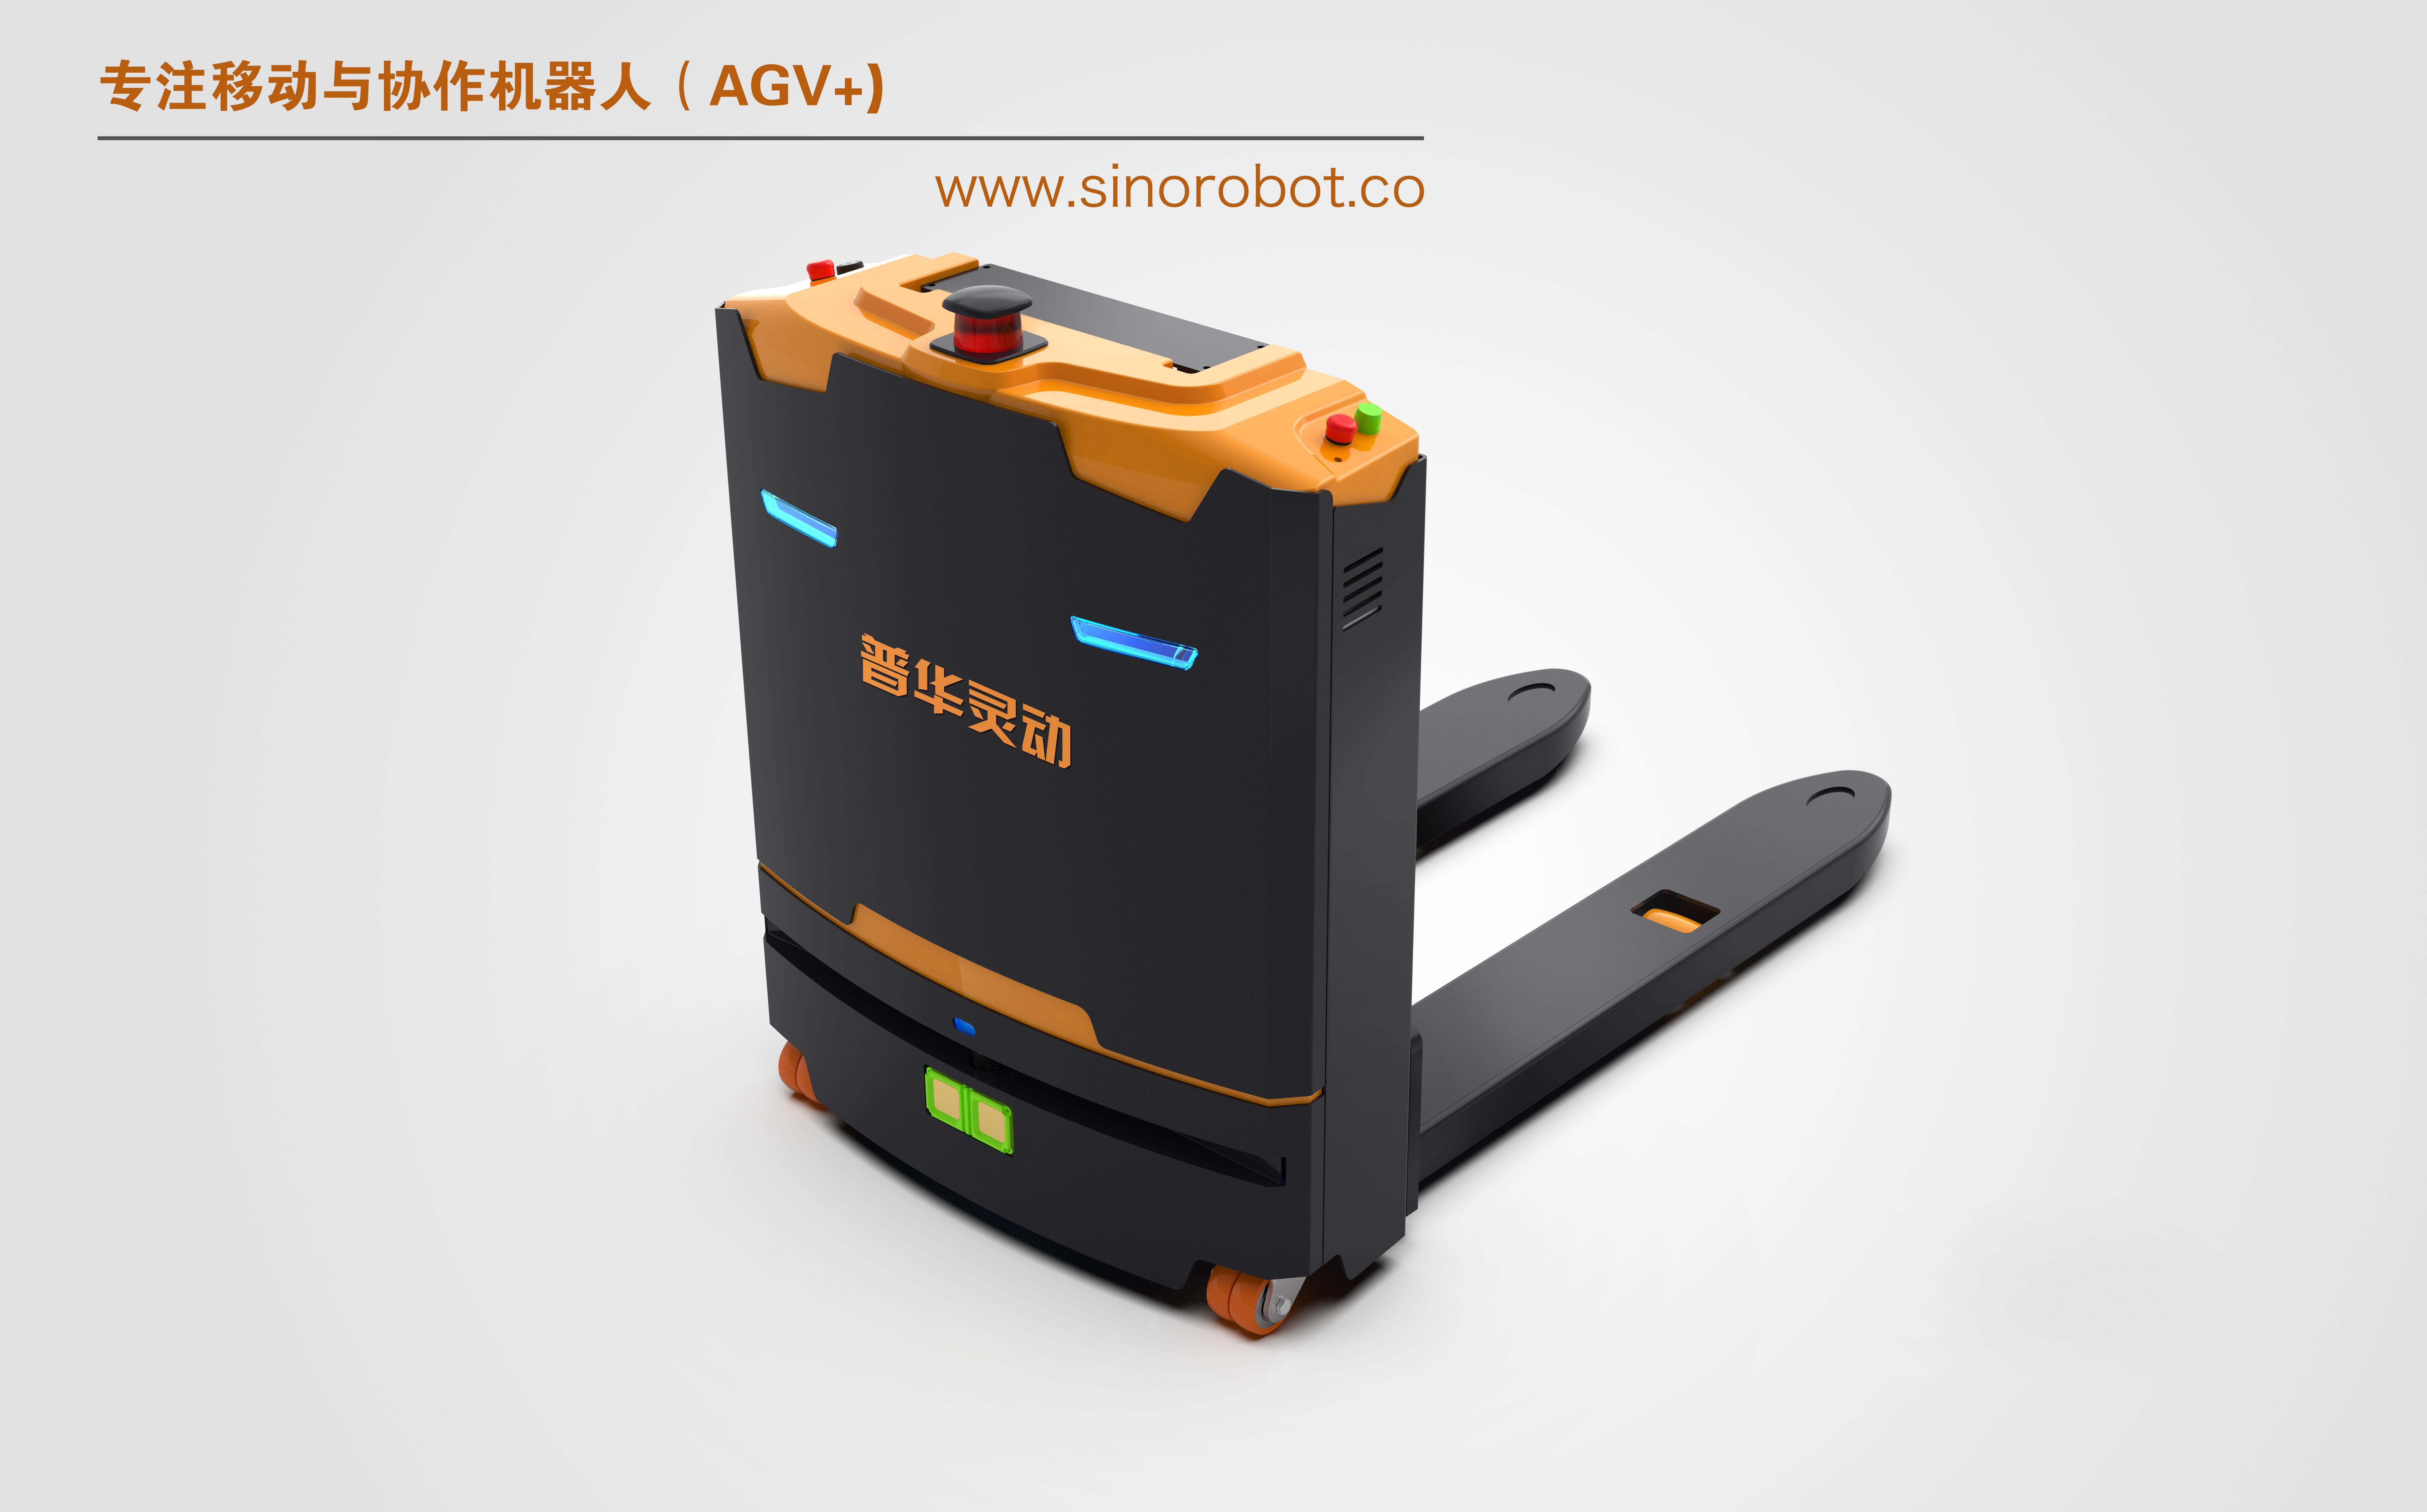 托盘叉车AGV(F2000)